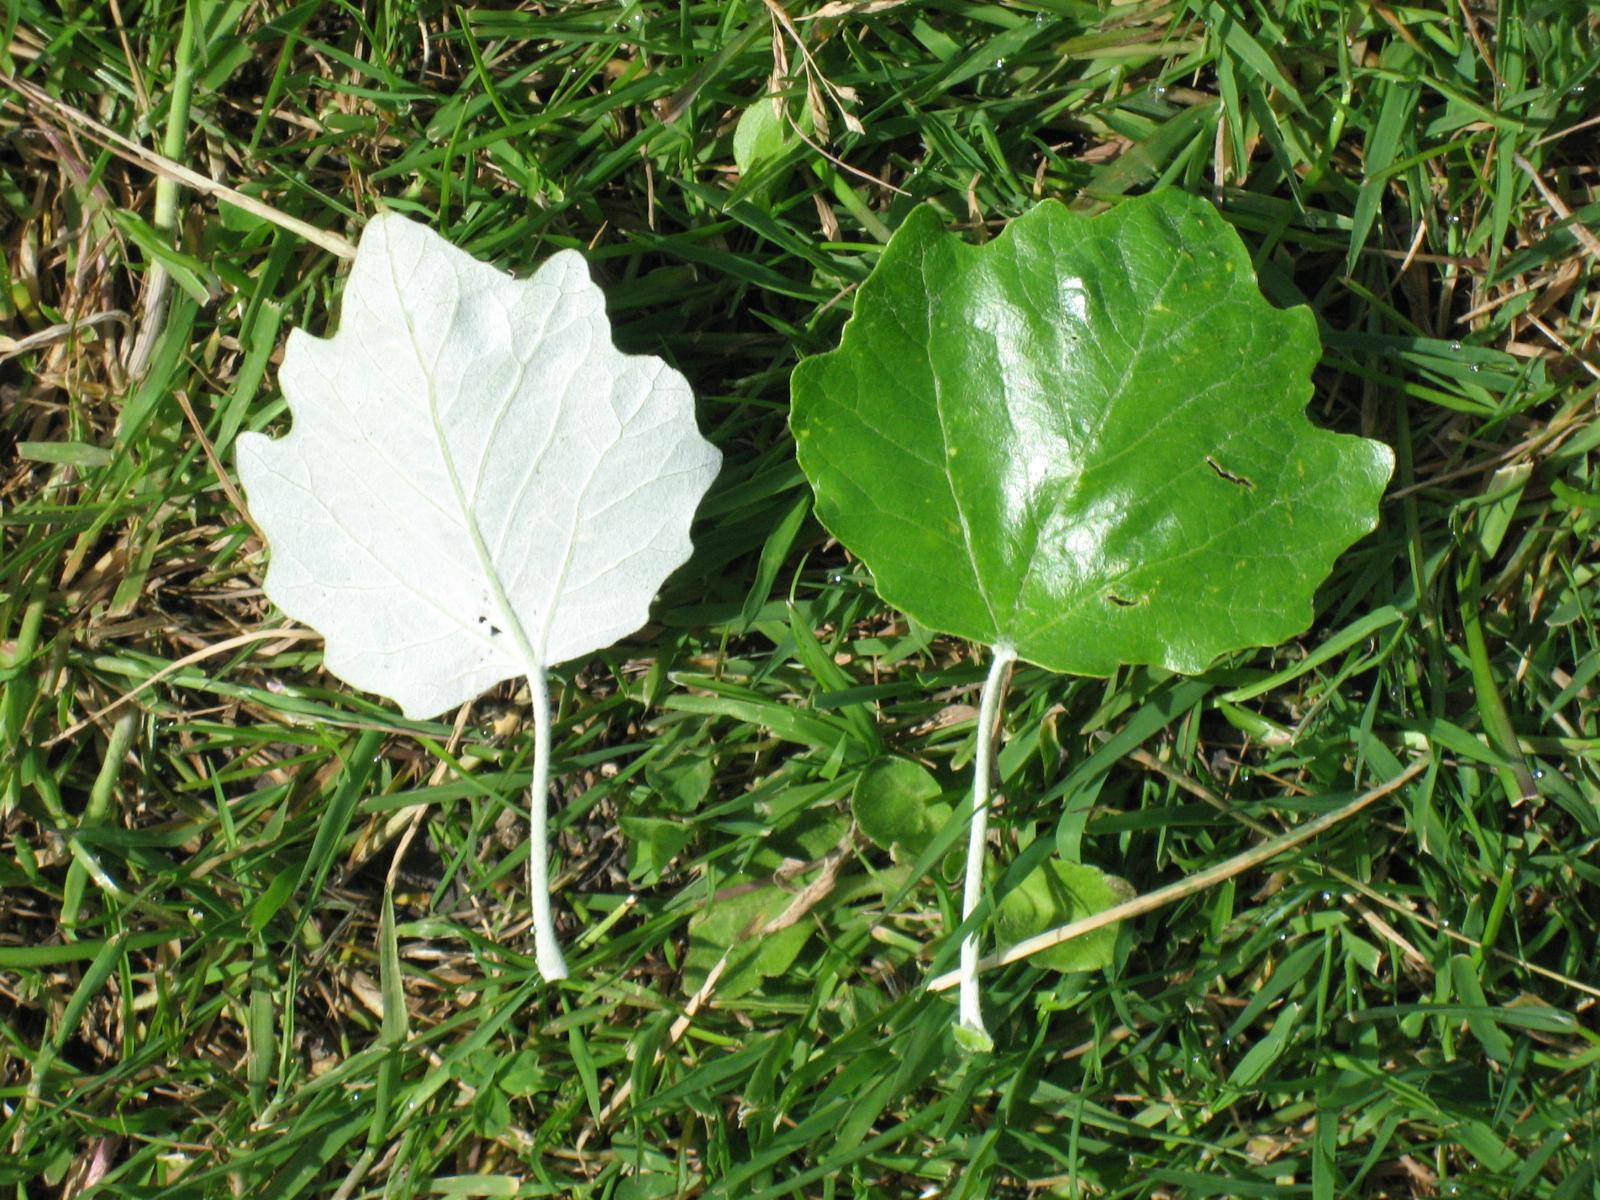 White Poplar Tree Leaf File:Populus al...